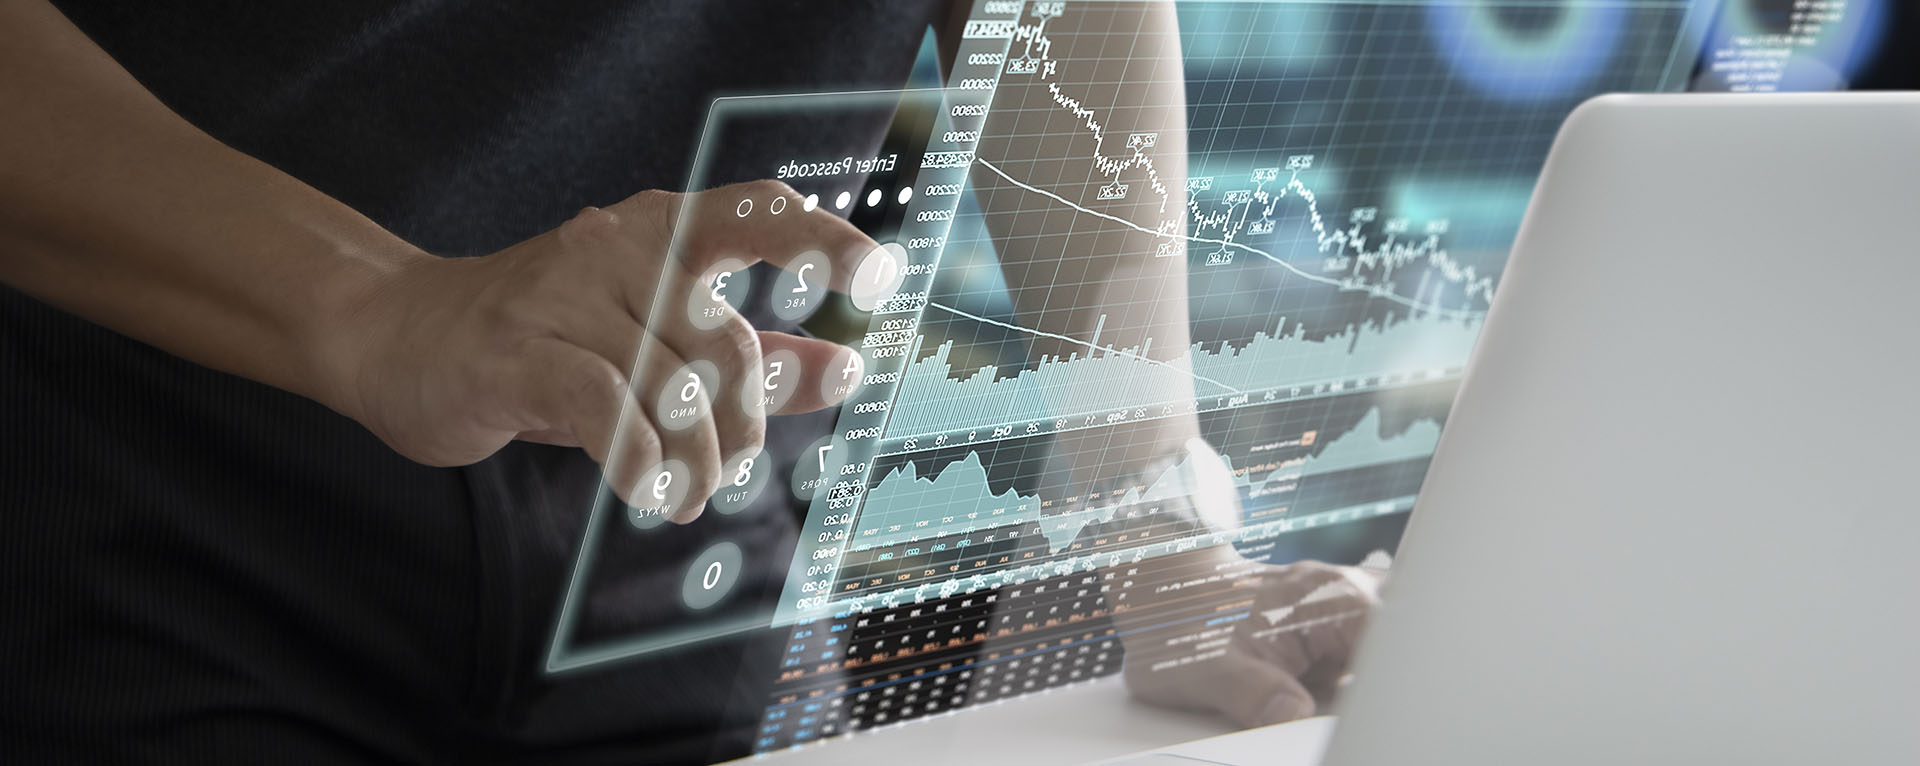 Waarom zal de OESO een belasting op digitale diensten||opleggen aan multinationals?